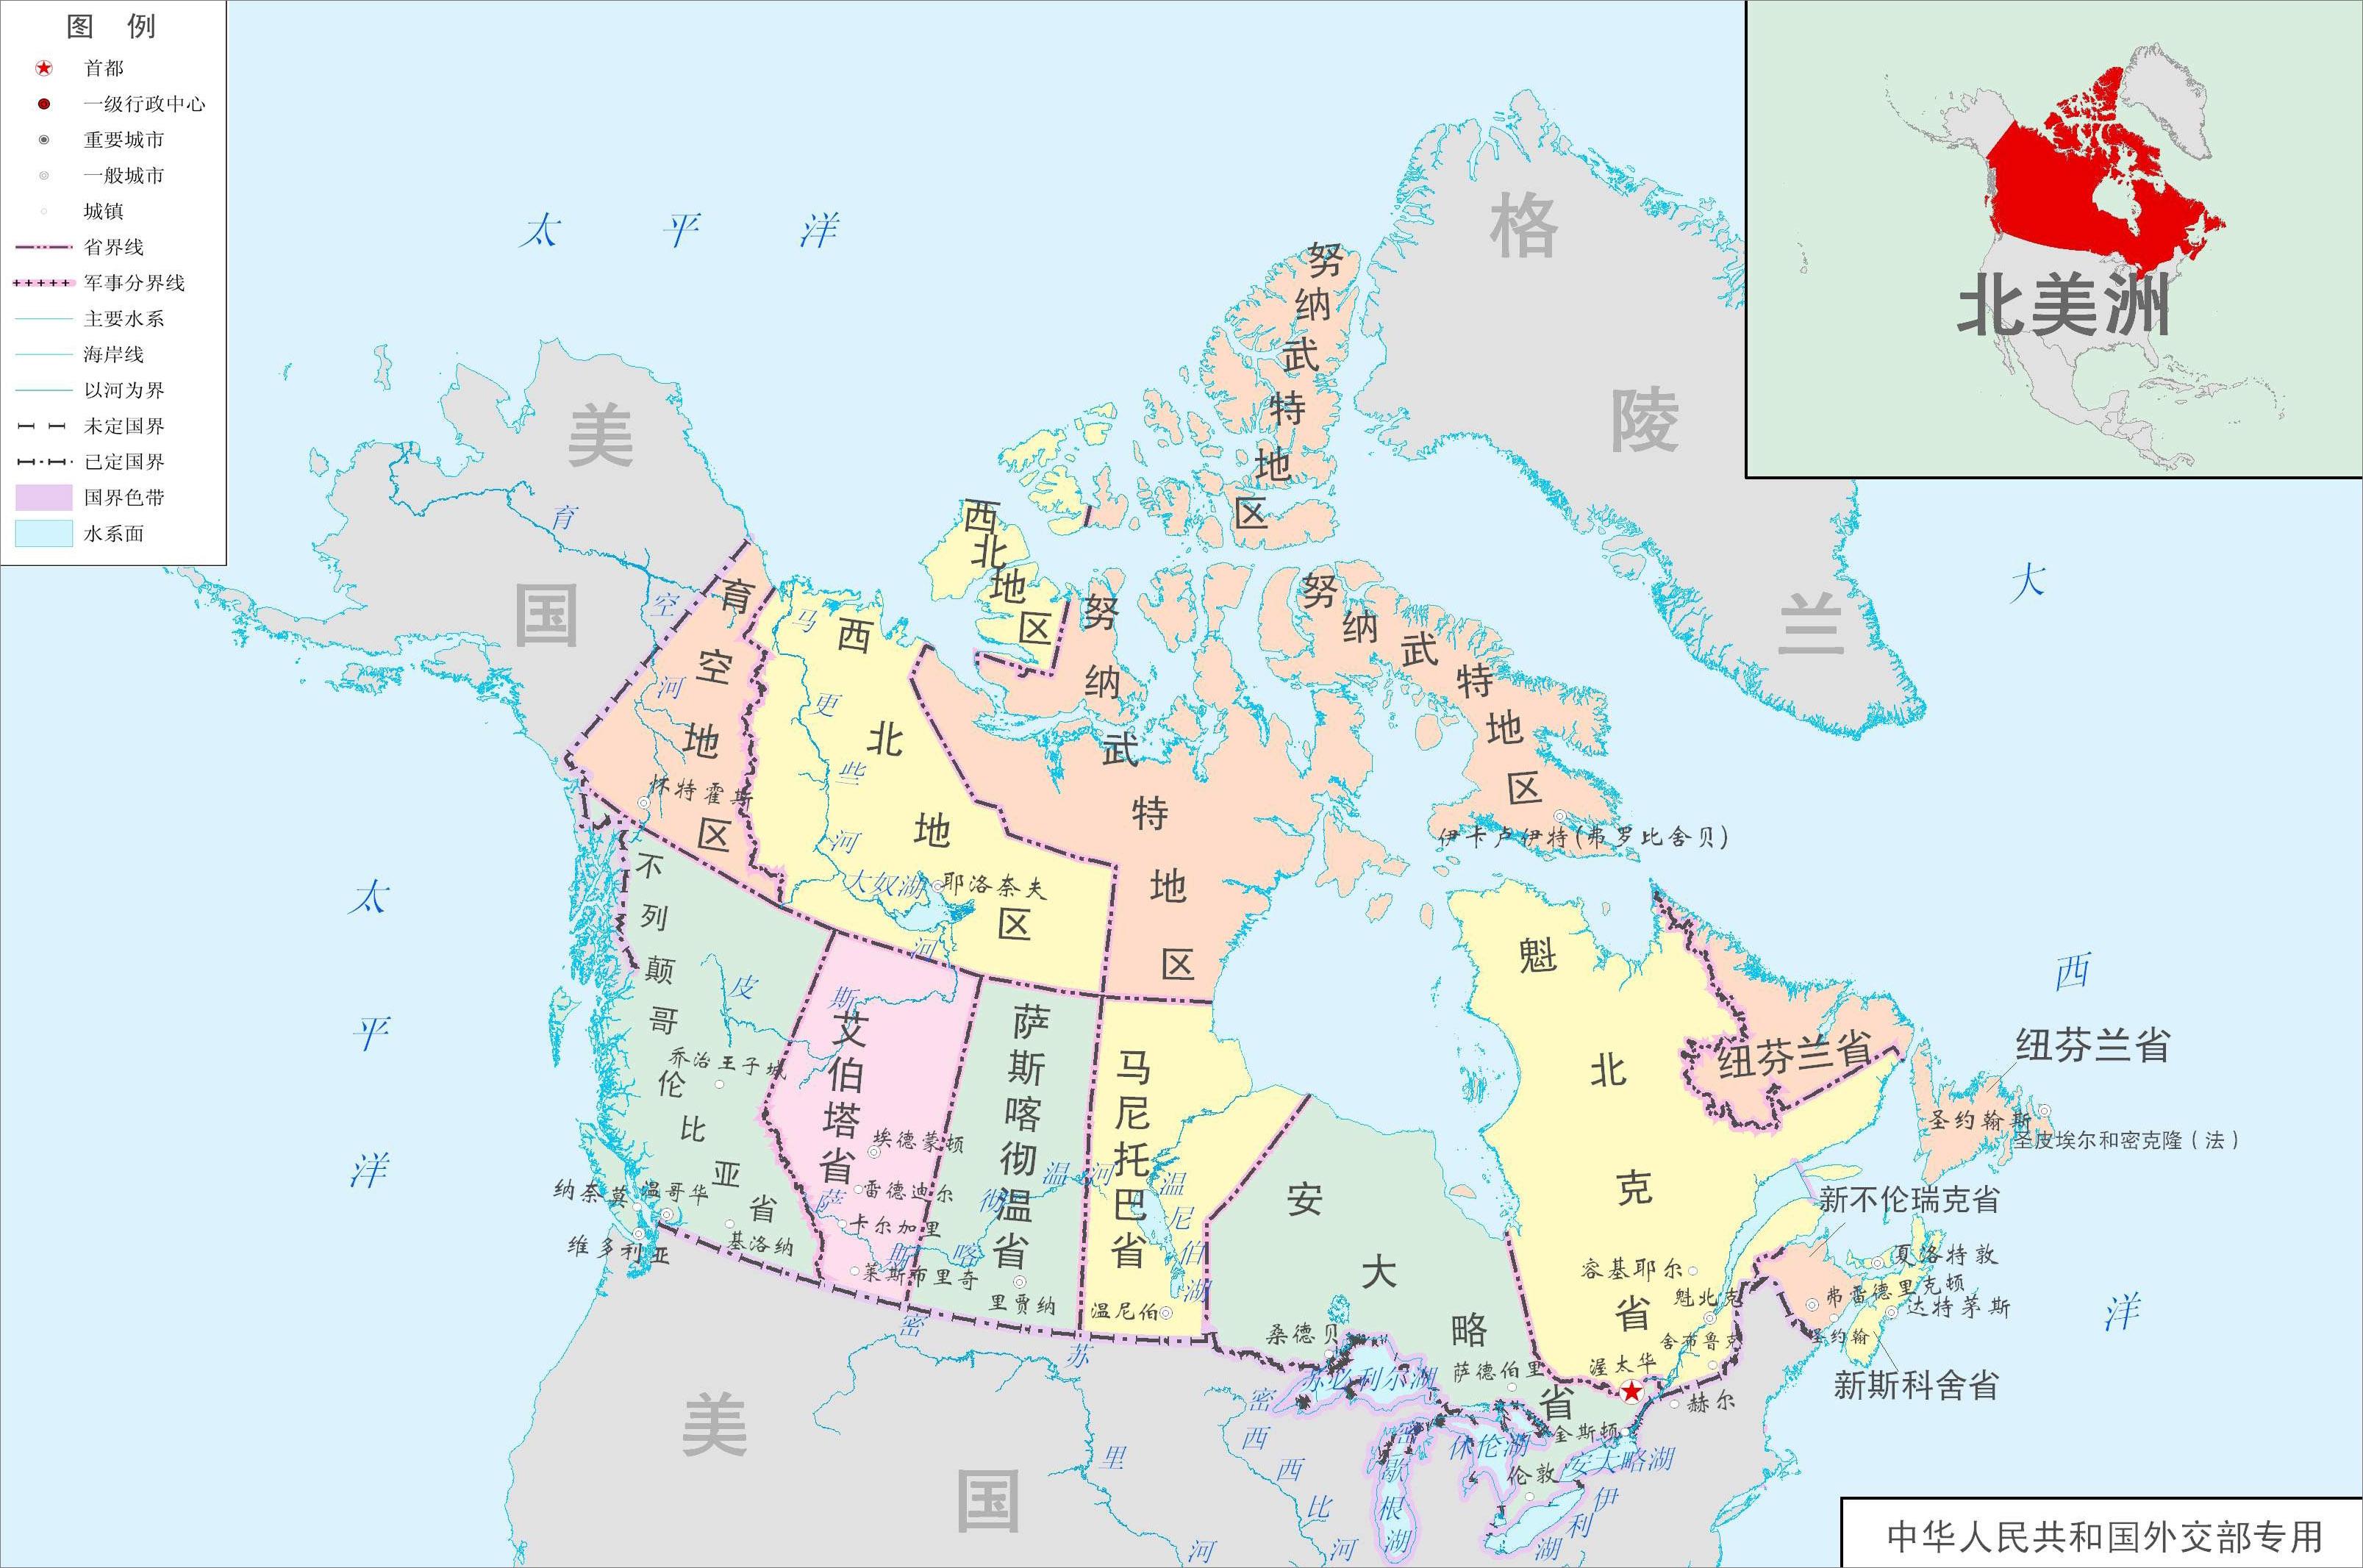 中国地图全图可放大_加拿大行政地图,点击可放大.